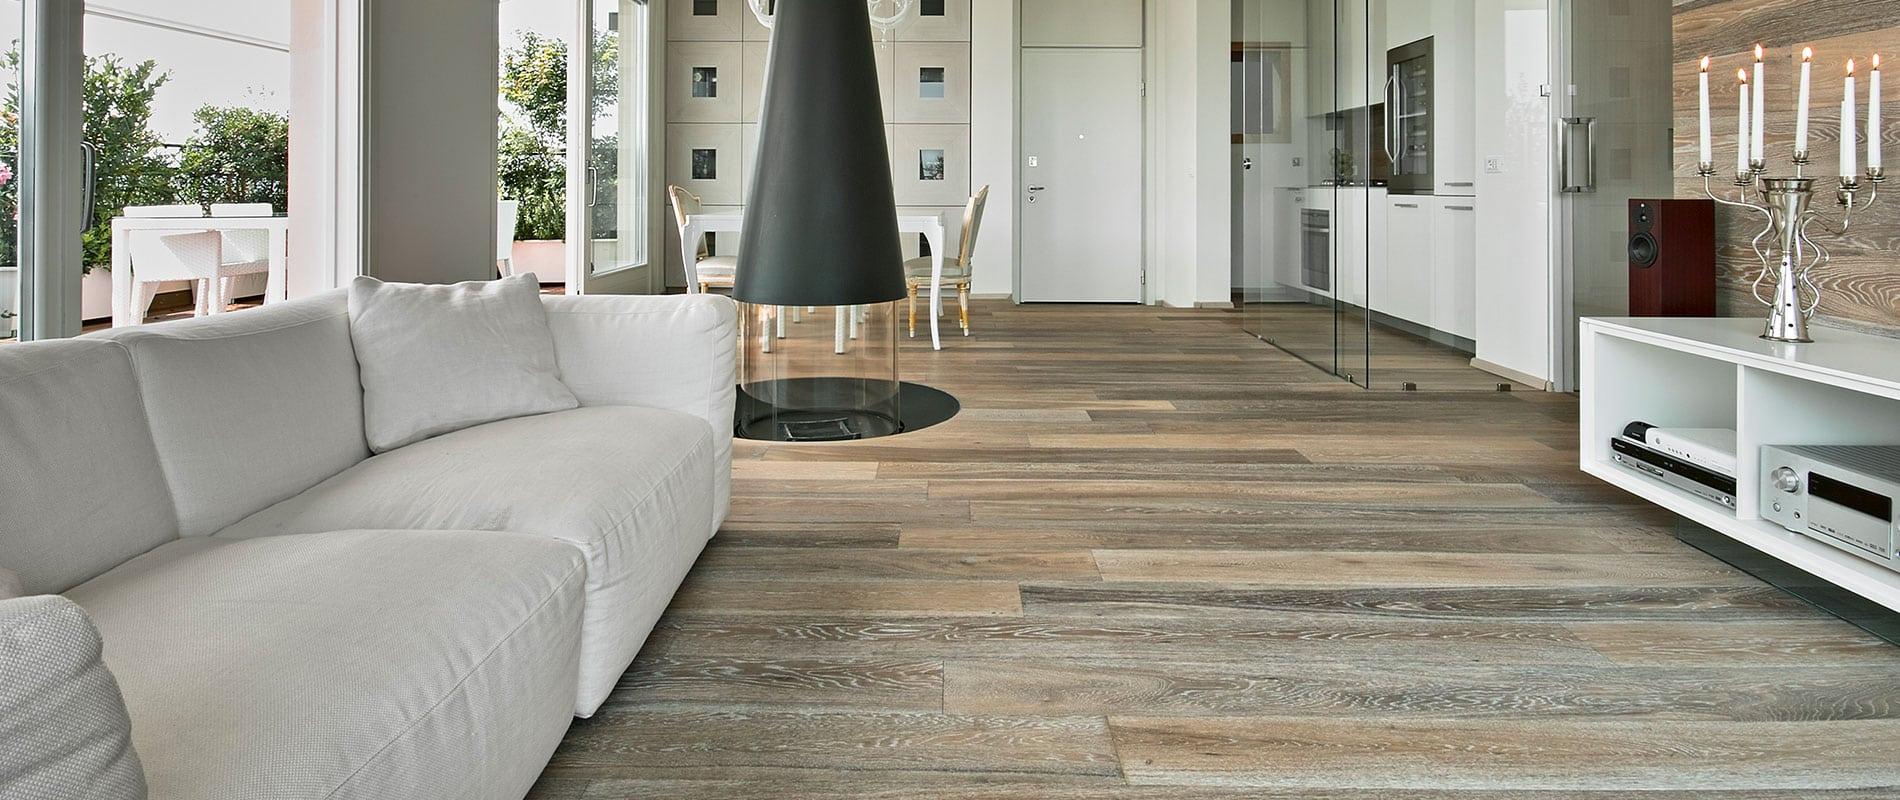 Commercial Flooring Contractor Tempe Commercial Floor